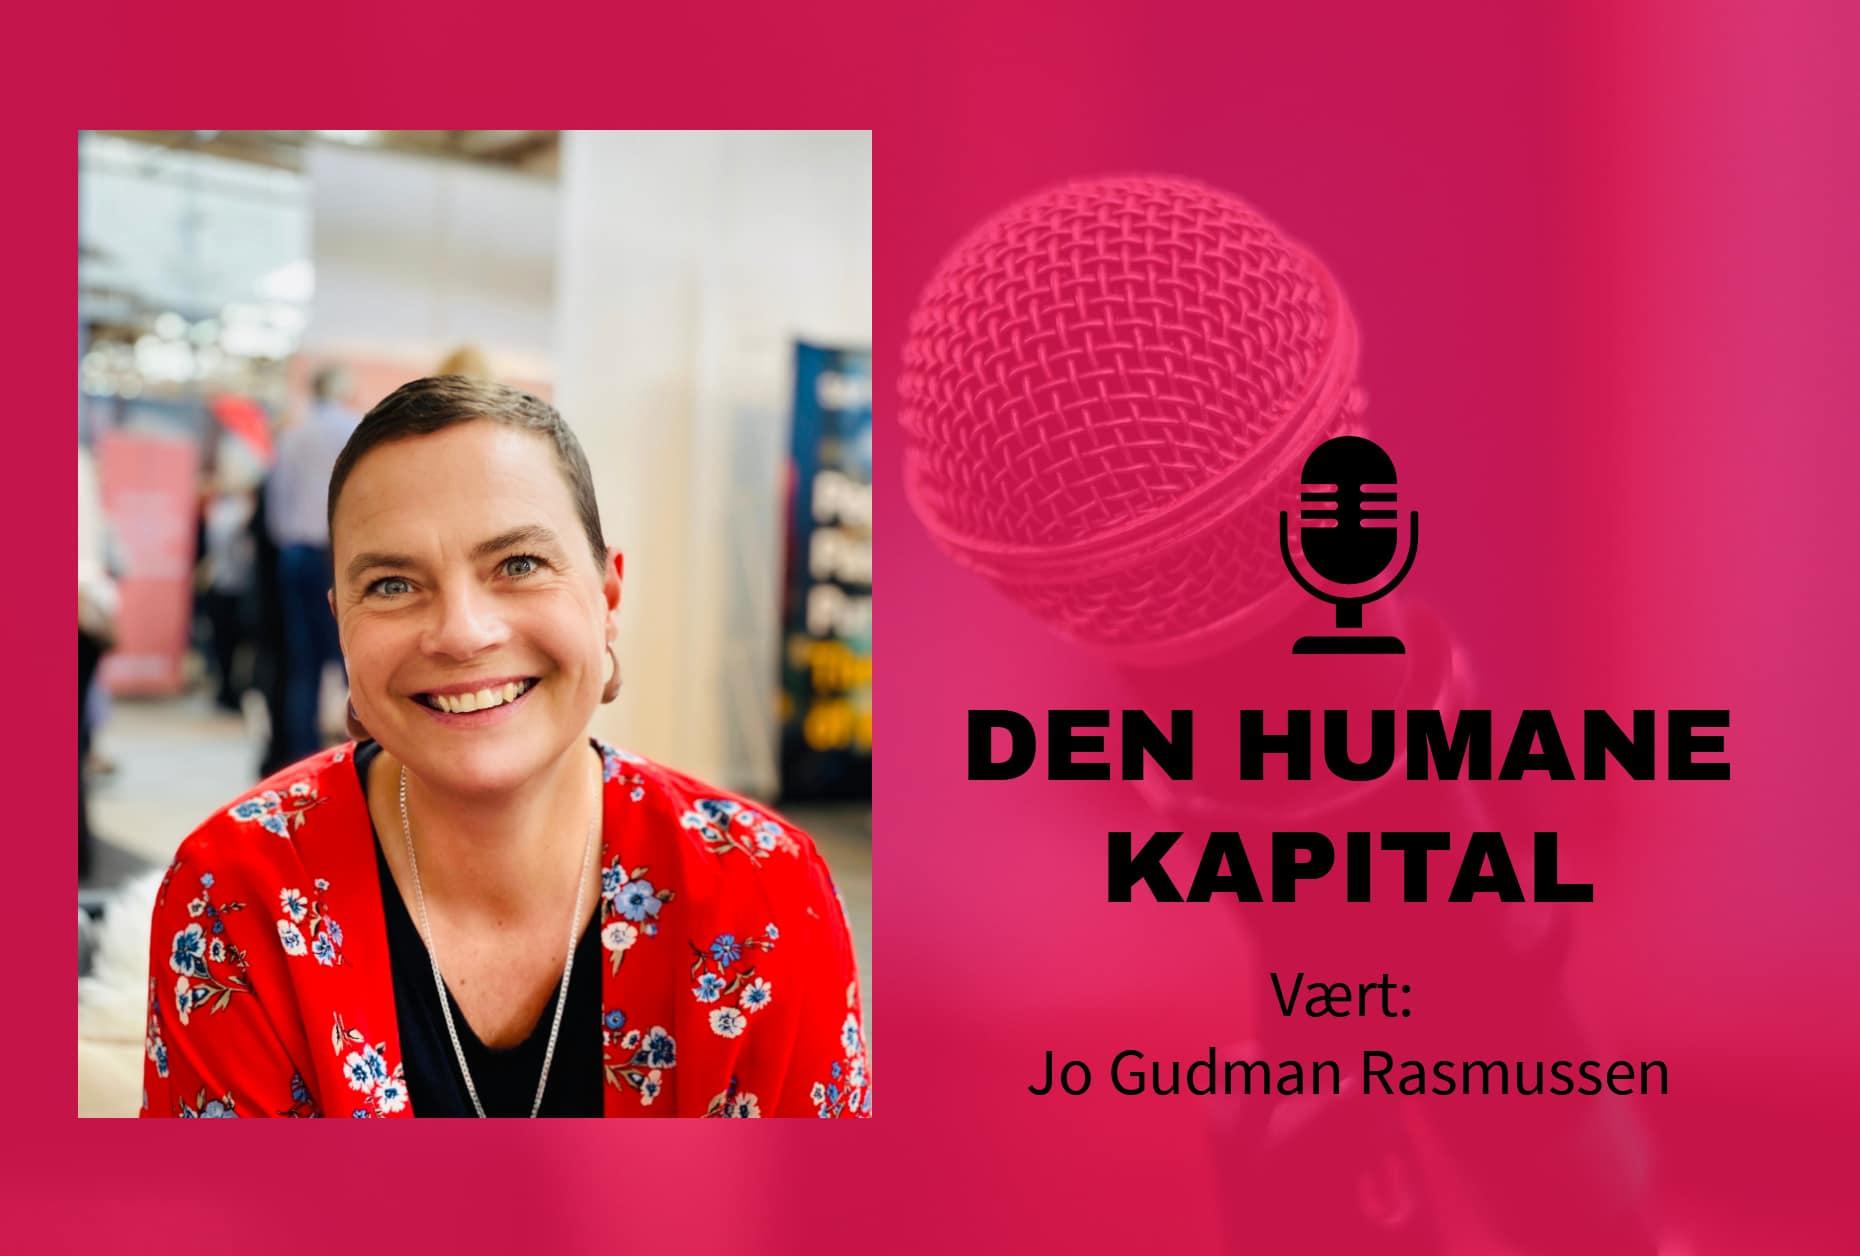 Lyt til Den Human Kapital - ny podcast på Meetafy